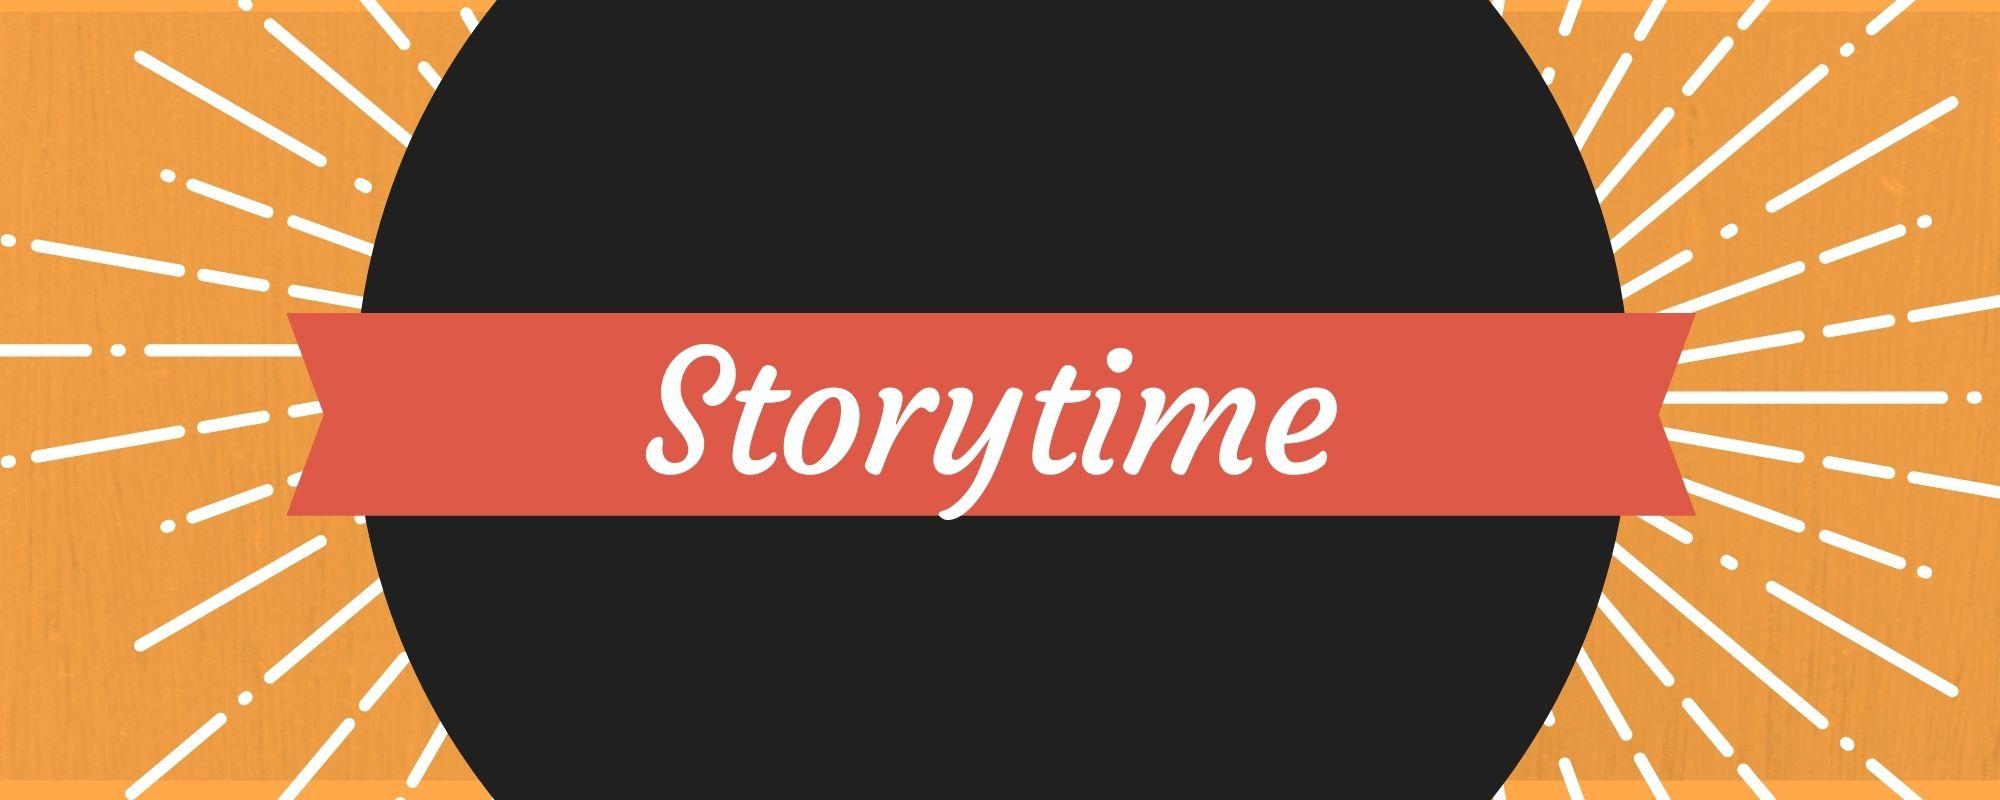 Storytime with orange burst